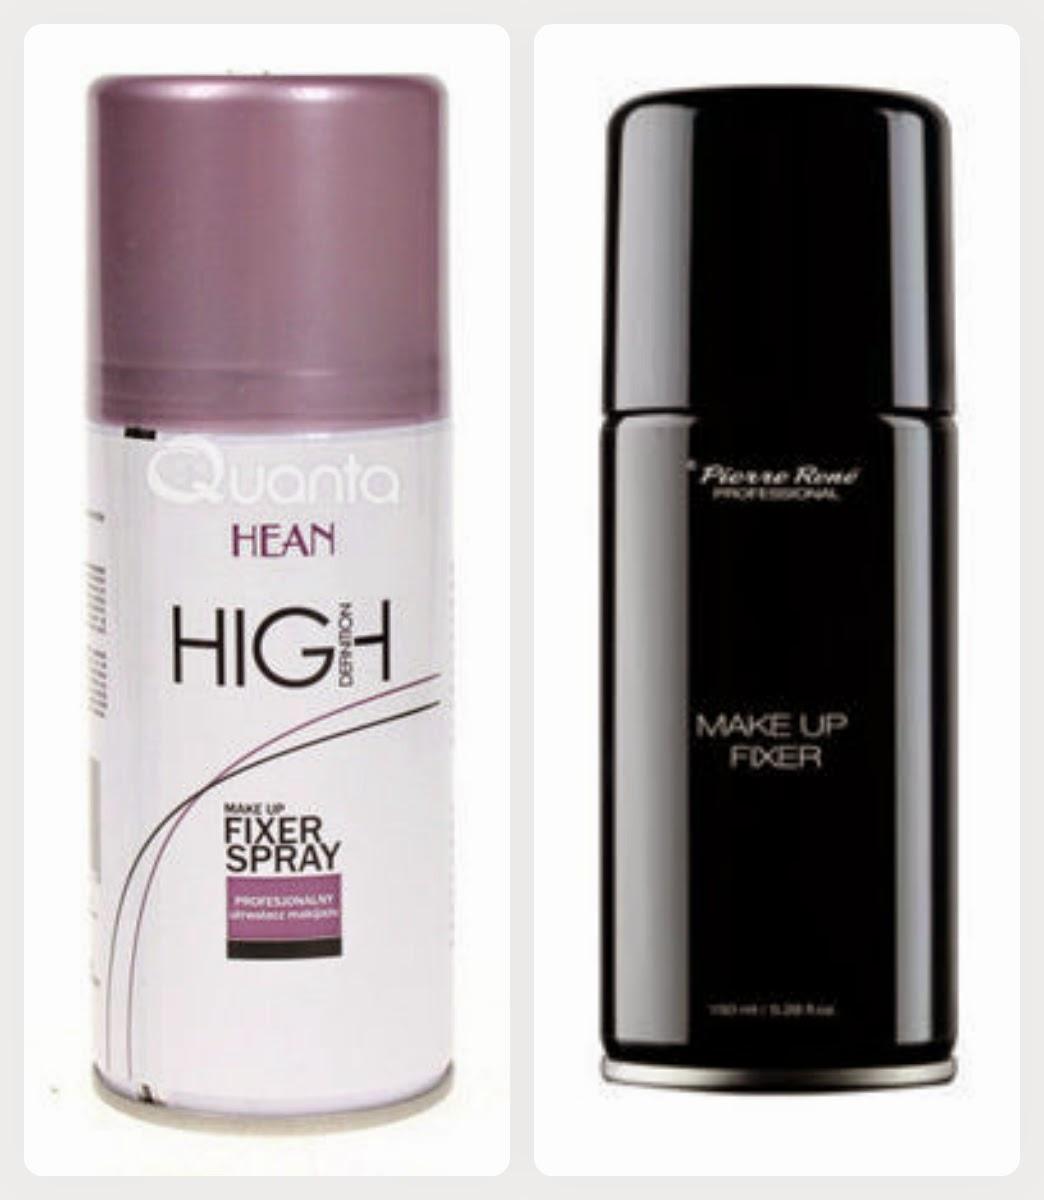 Hean High Definition Fixer Spray utrwalacz do makijażu